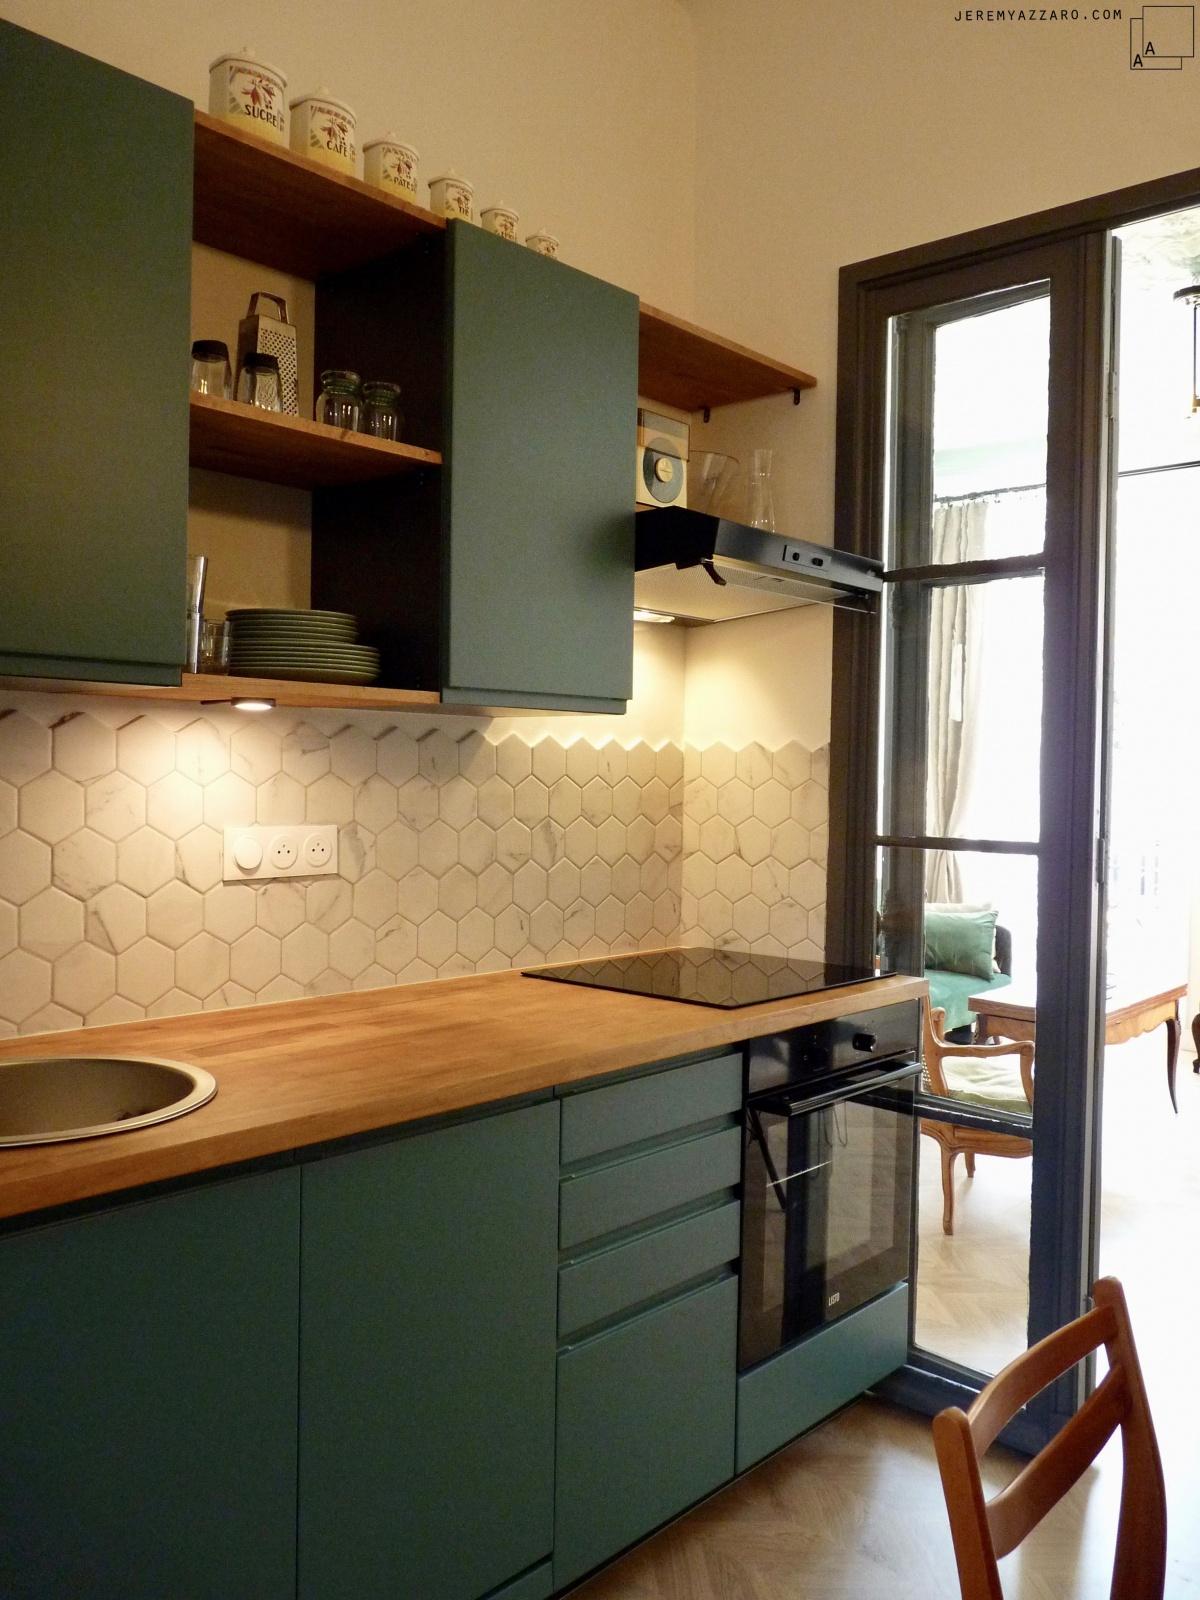 Création de deux appartements « angle deux vies » : transformation-appartement-cuisine-jeremy-azzaro-architecte-min